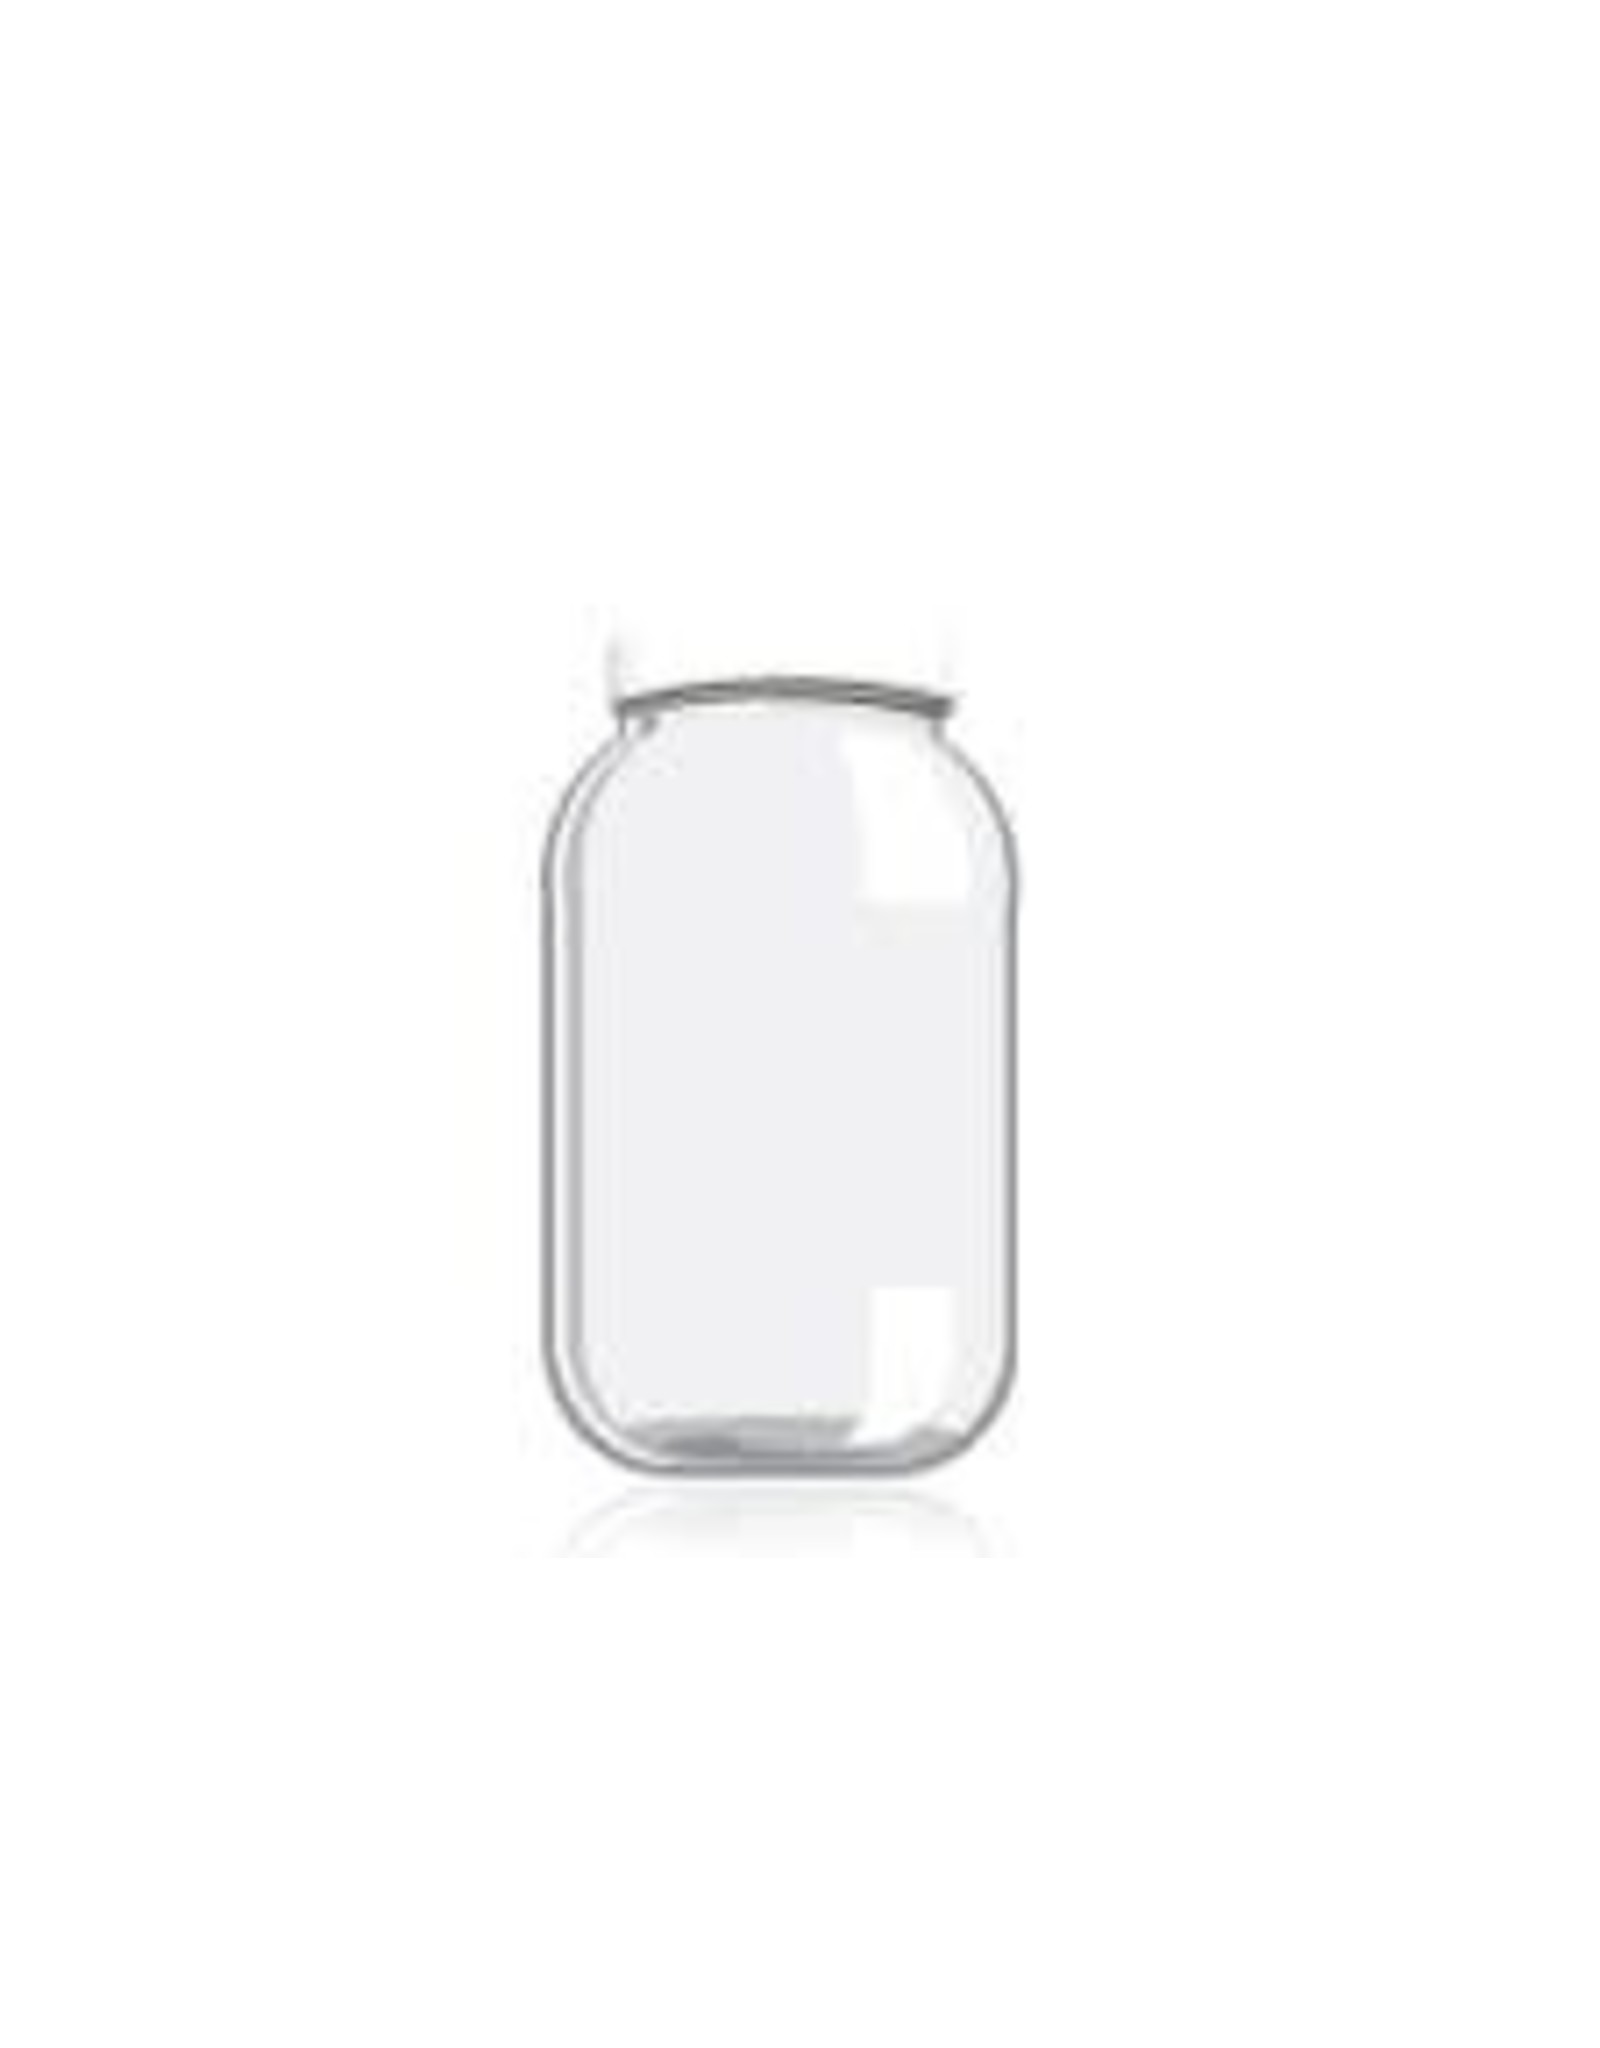 1 GALLON GLASS JAR/PLASTIC LID